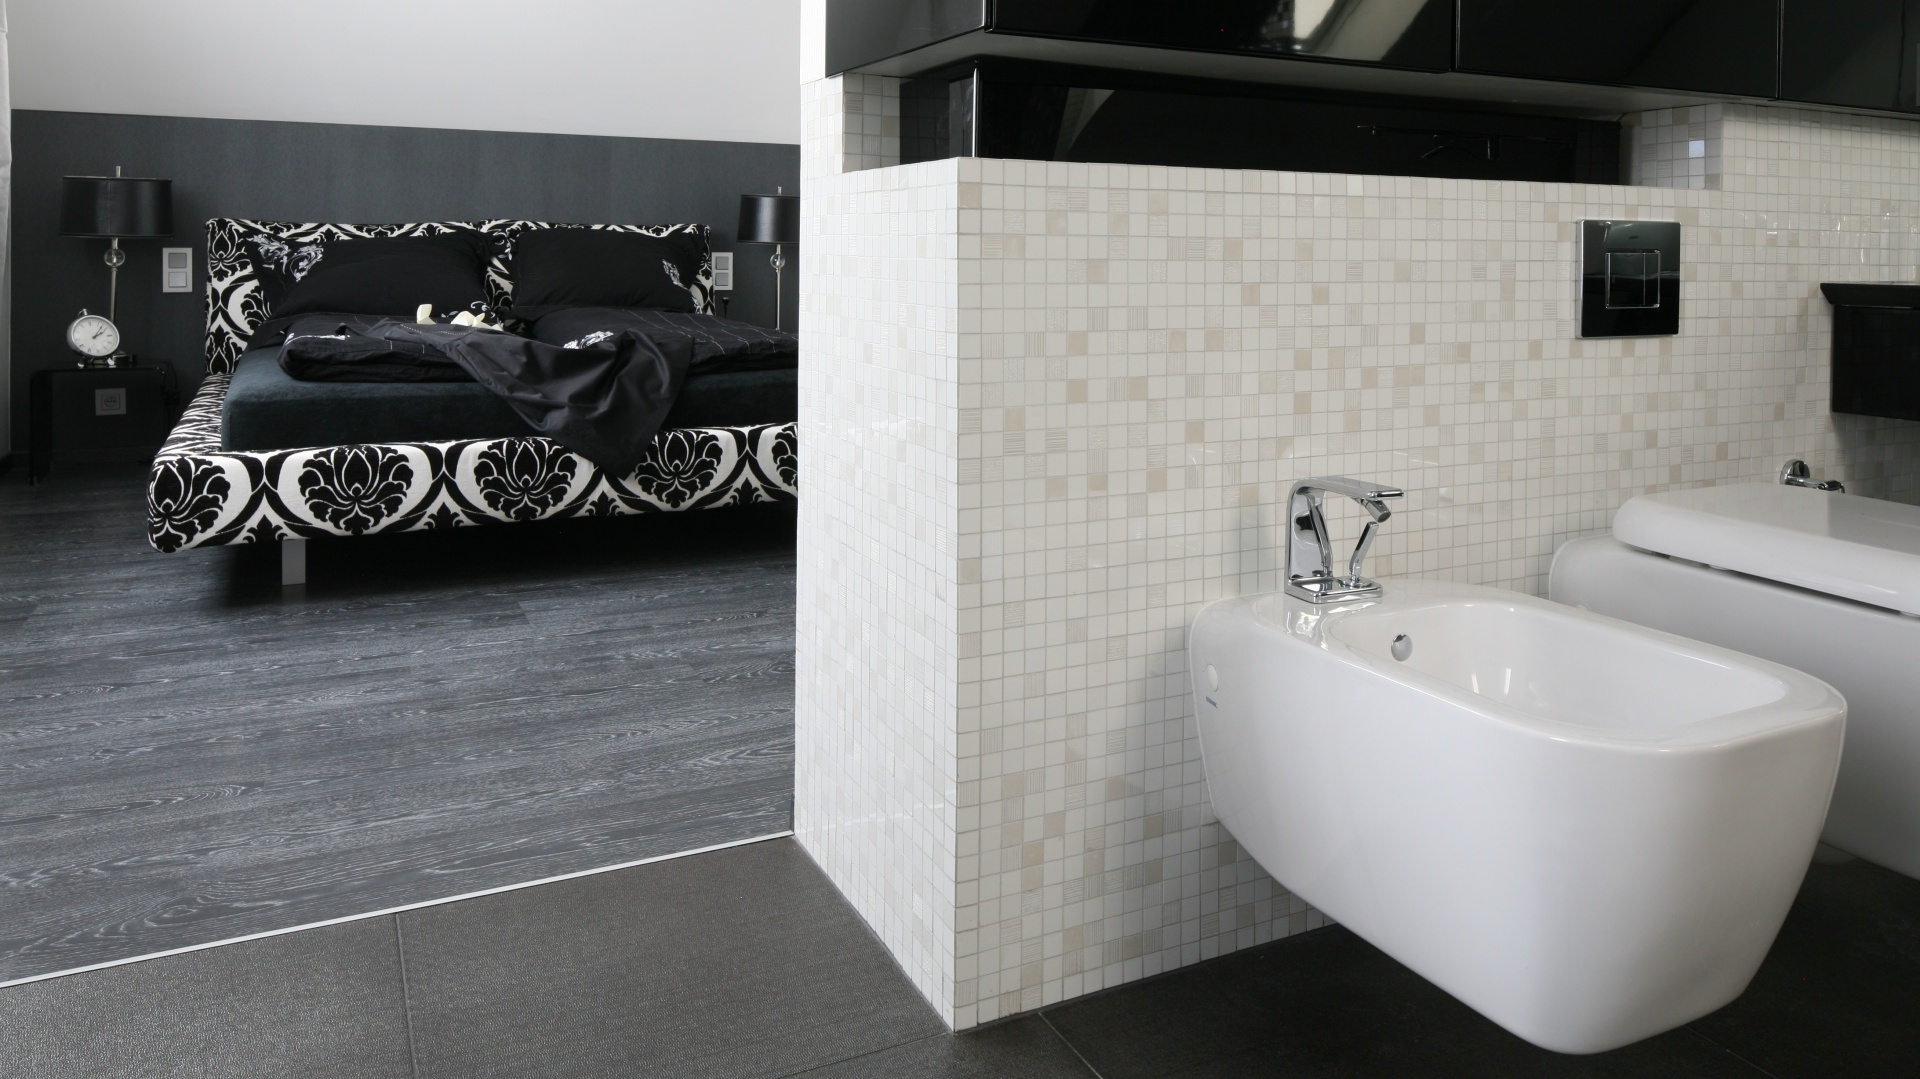 Sypialnia Z łazienką Ciekawe Pomysły Polskich Architektów